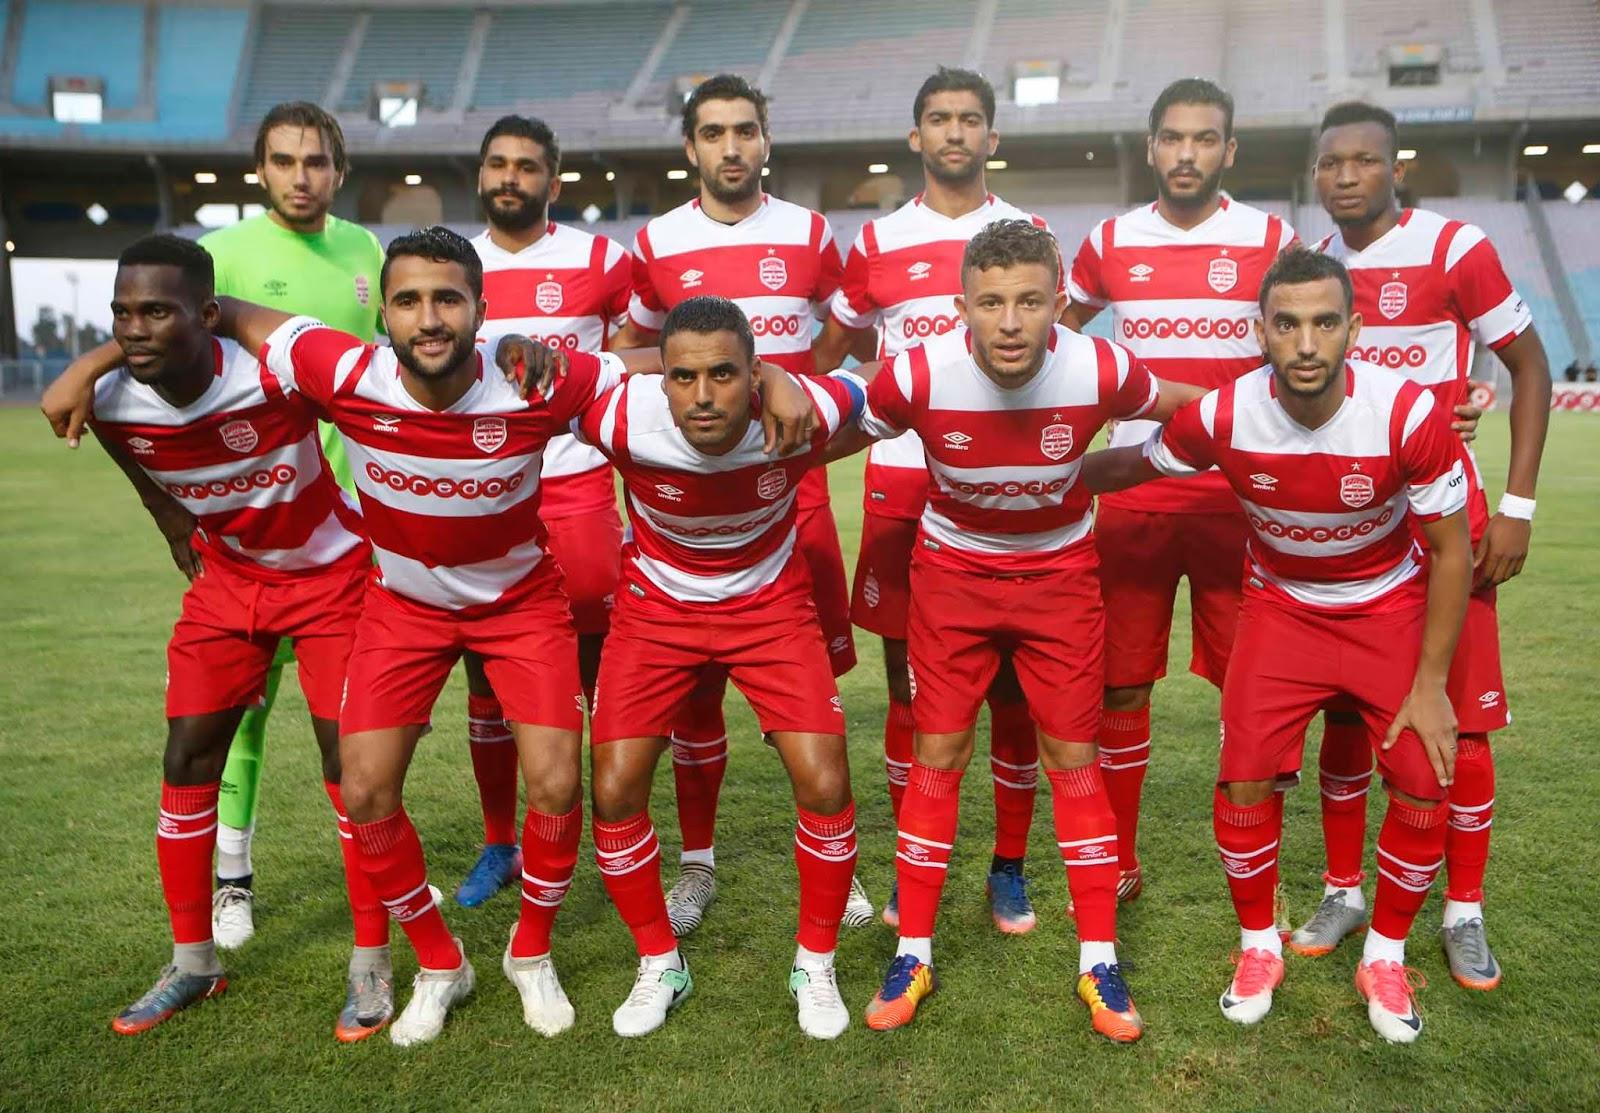 مباراة الافريقي والرياضي القسنطينى 11-01-2019